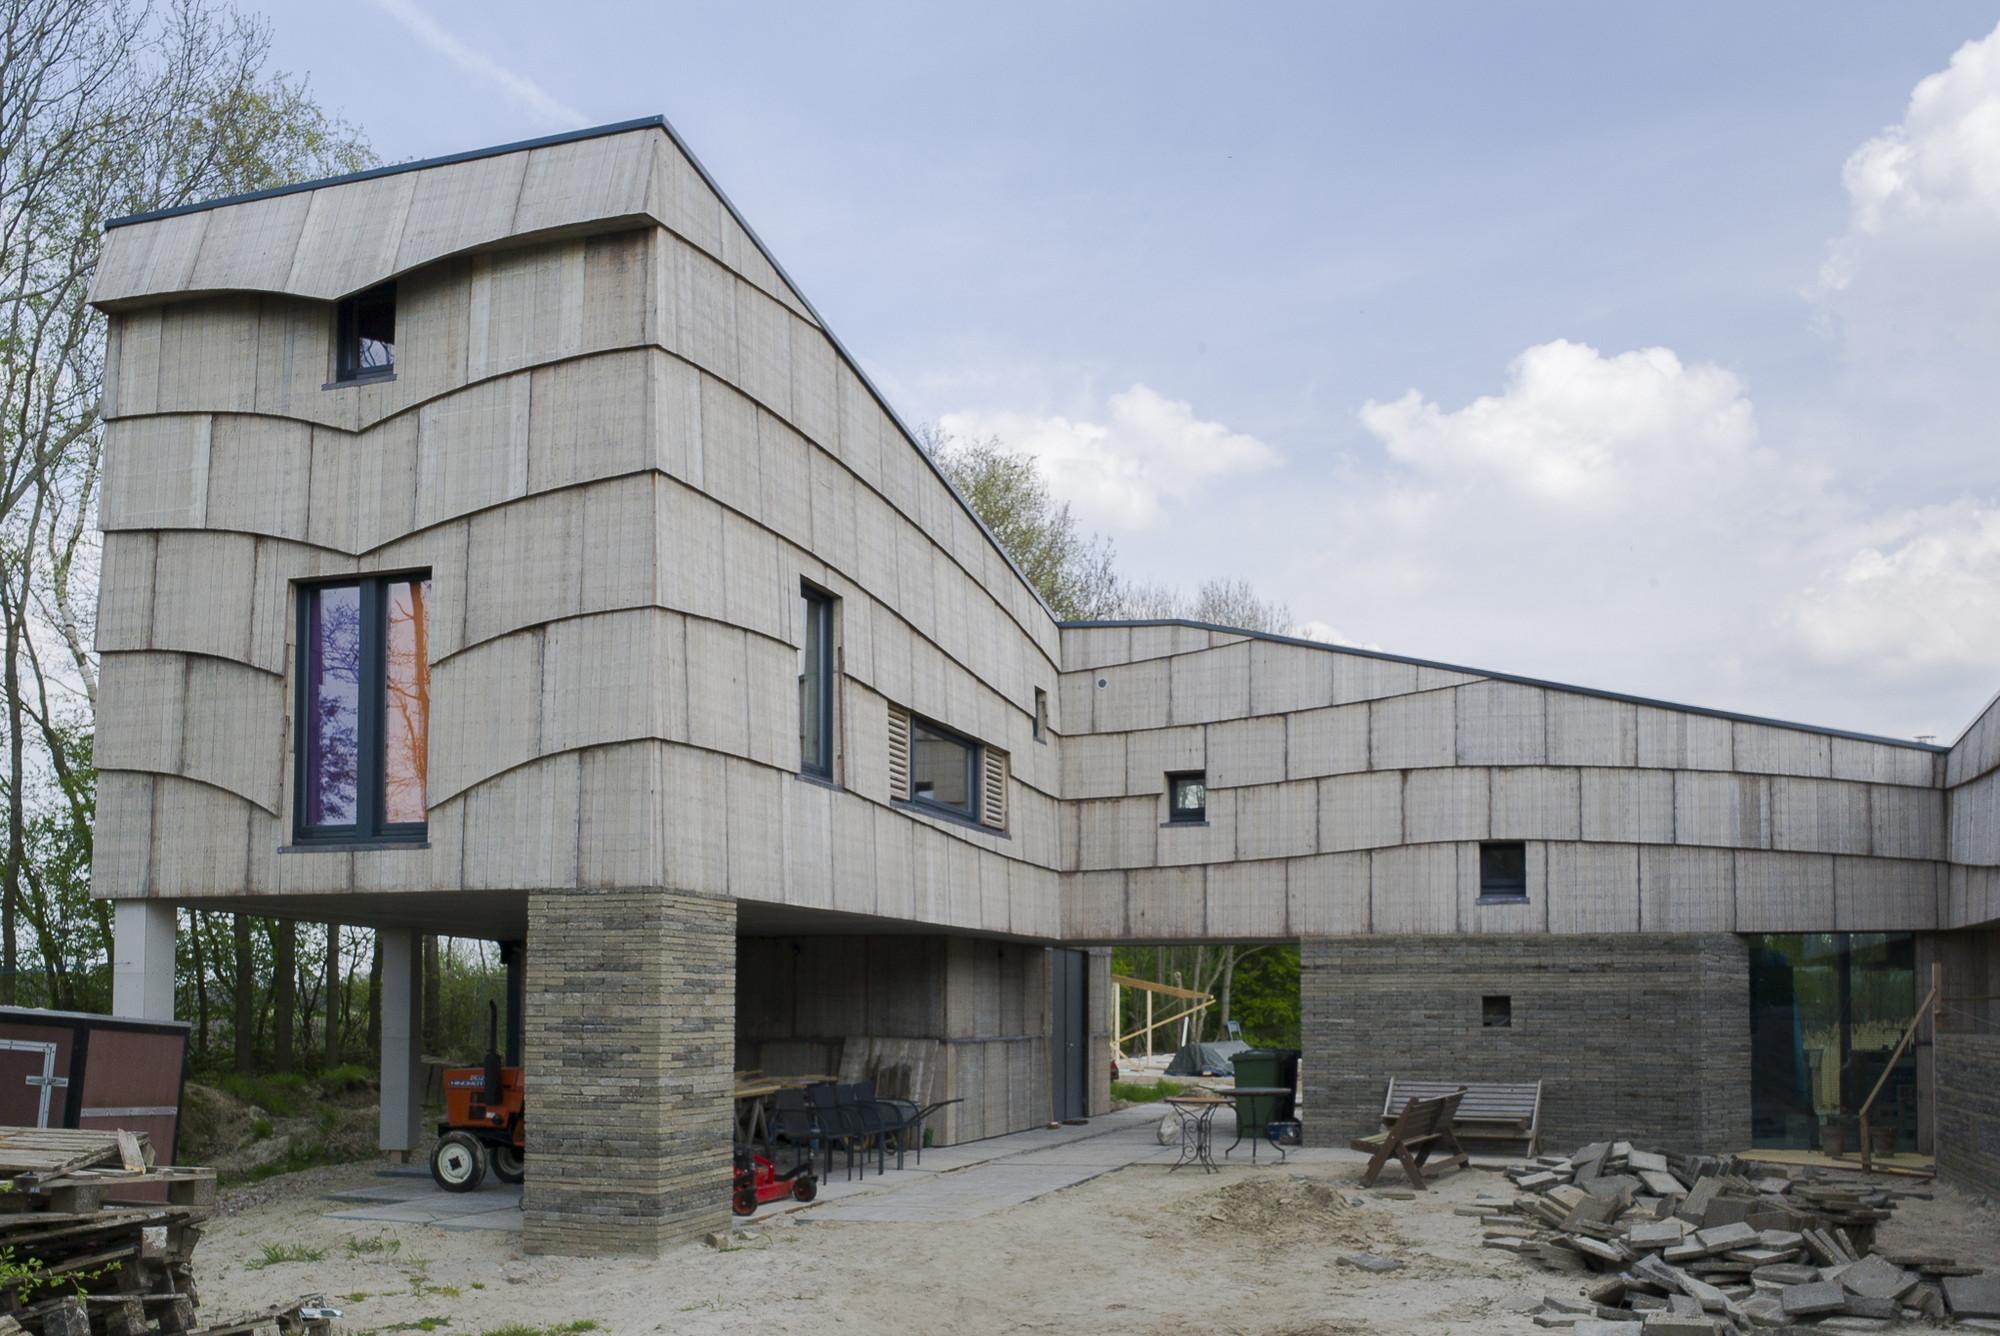 Self-Sufficient House / Pieter Brink, Courtesy of Pieter Brink